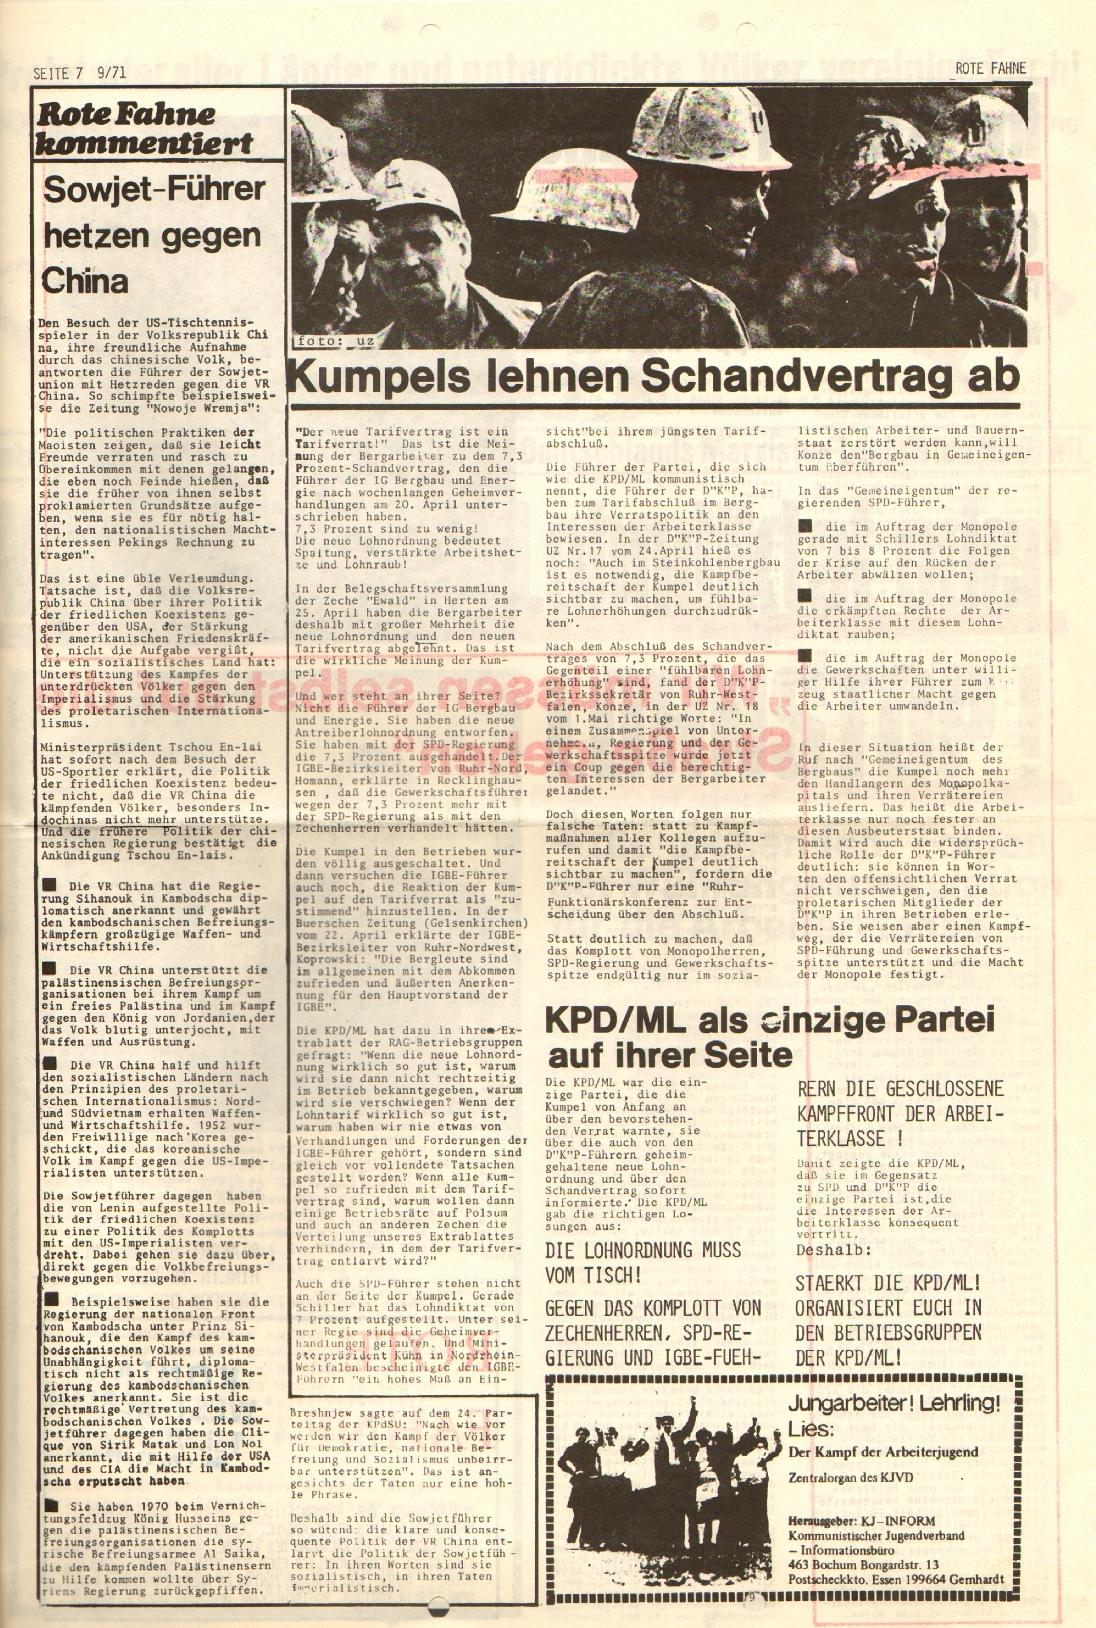 Rote Fahne, 2. Jg., 10.5.1971, Nr. 9, Seite 7